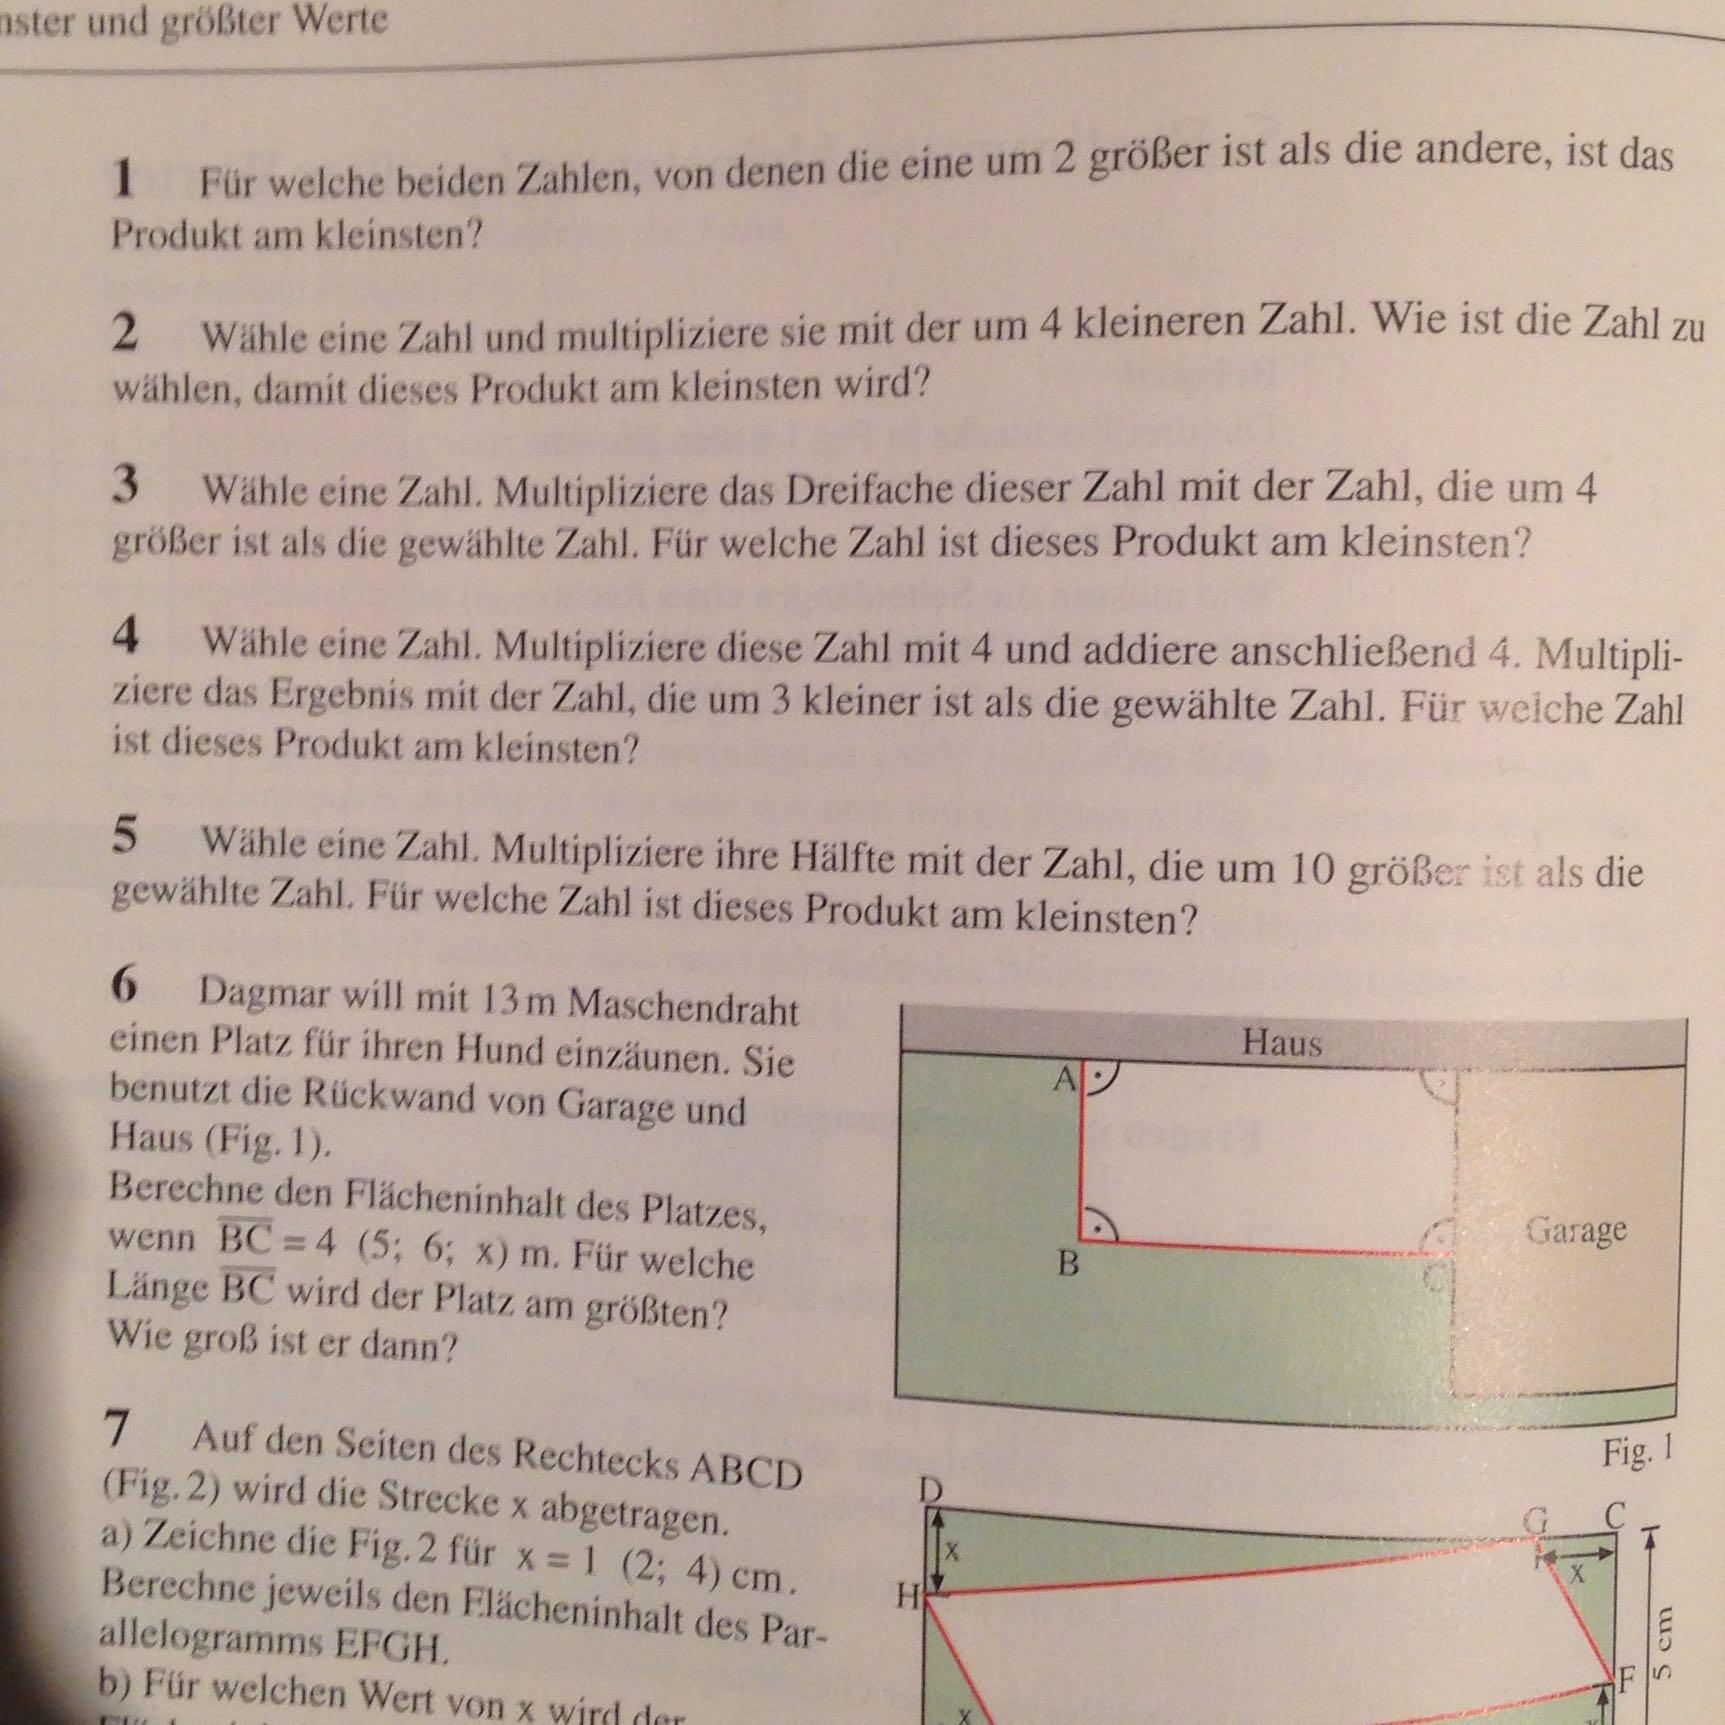 Tolle Maschendraht Produkt Fotos - Elektrische Schaltplan-Ideen ...